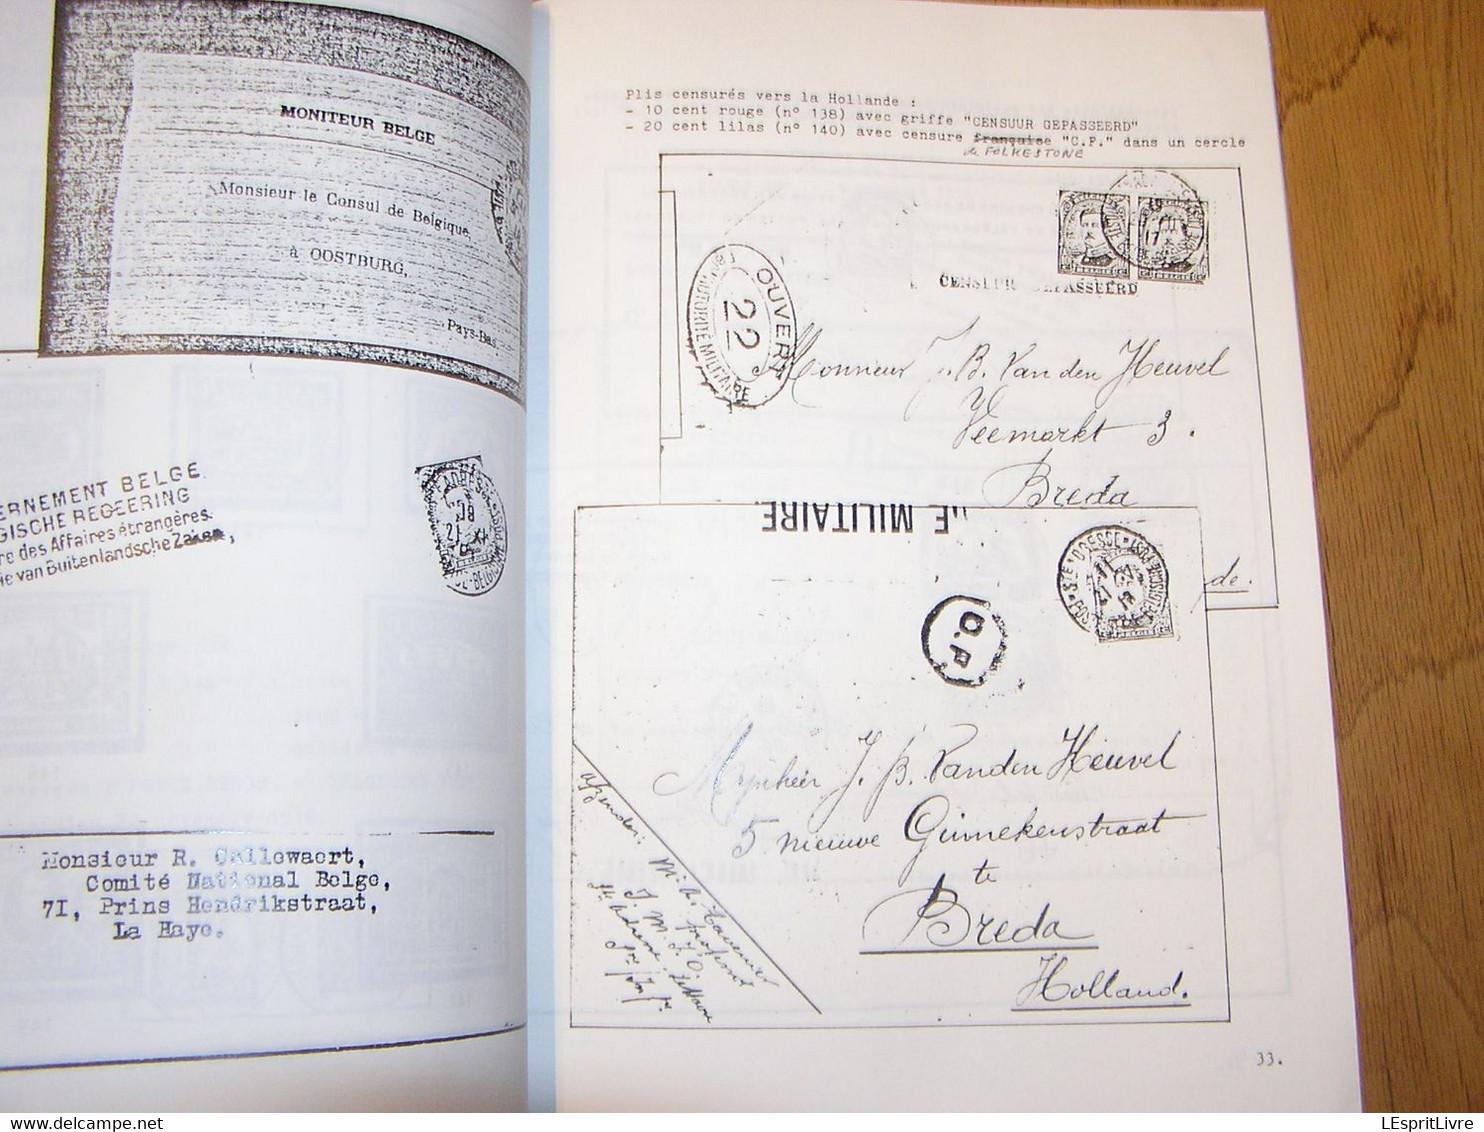 SAINTE ADRESSE Capitale De La Belgique 1914 1918 Guerre Histoire Marcophilie Philatélie Cachets Timbres Bateau Paquebot - Otros Libros